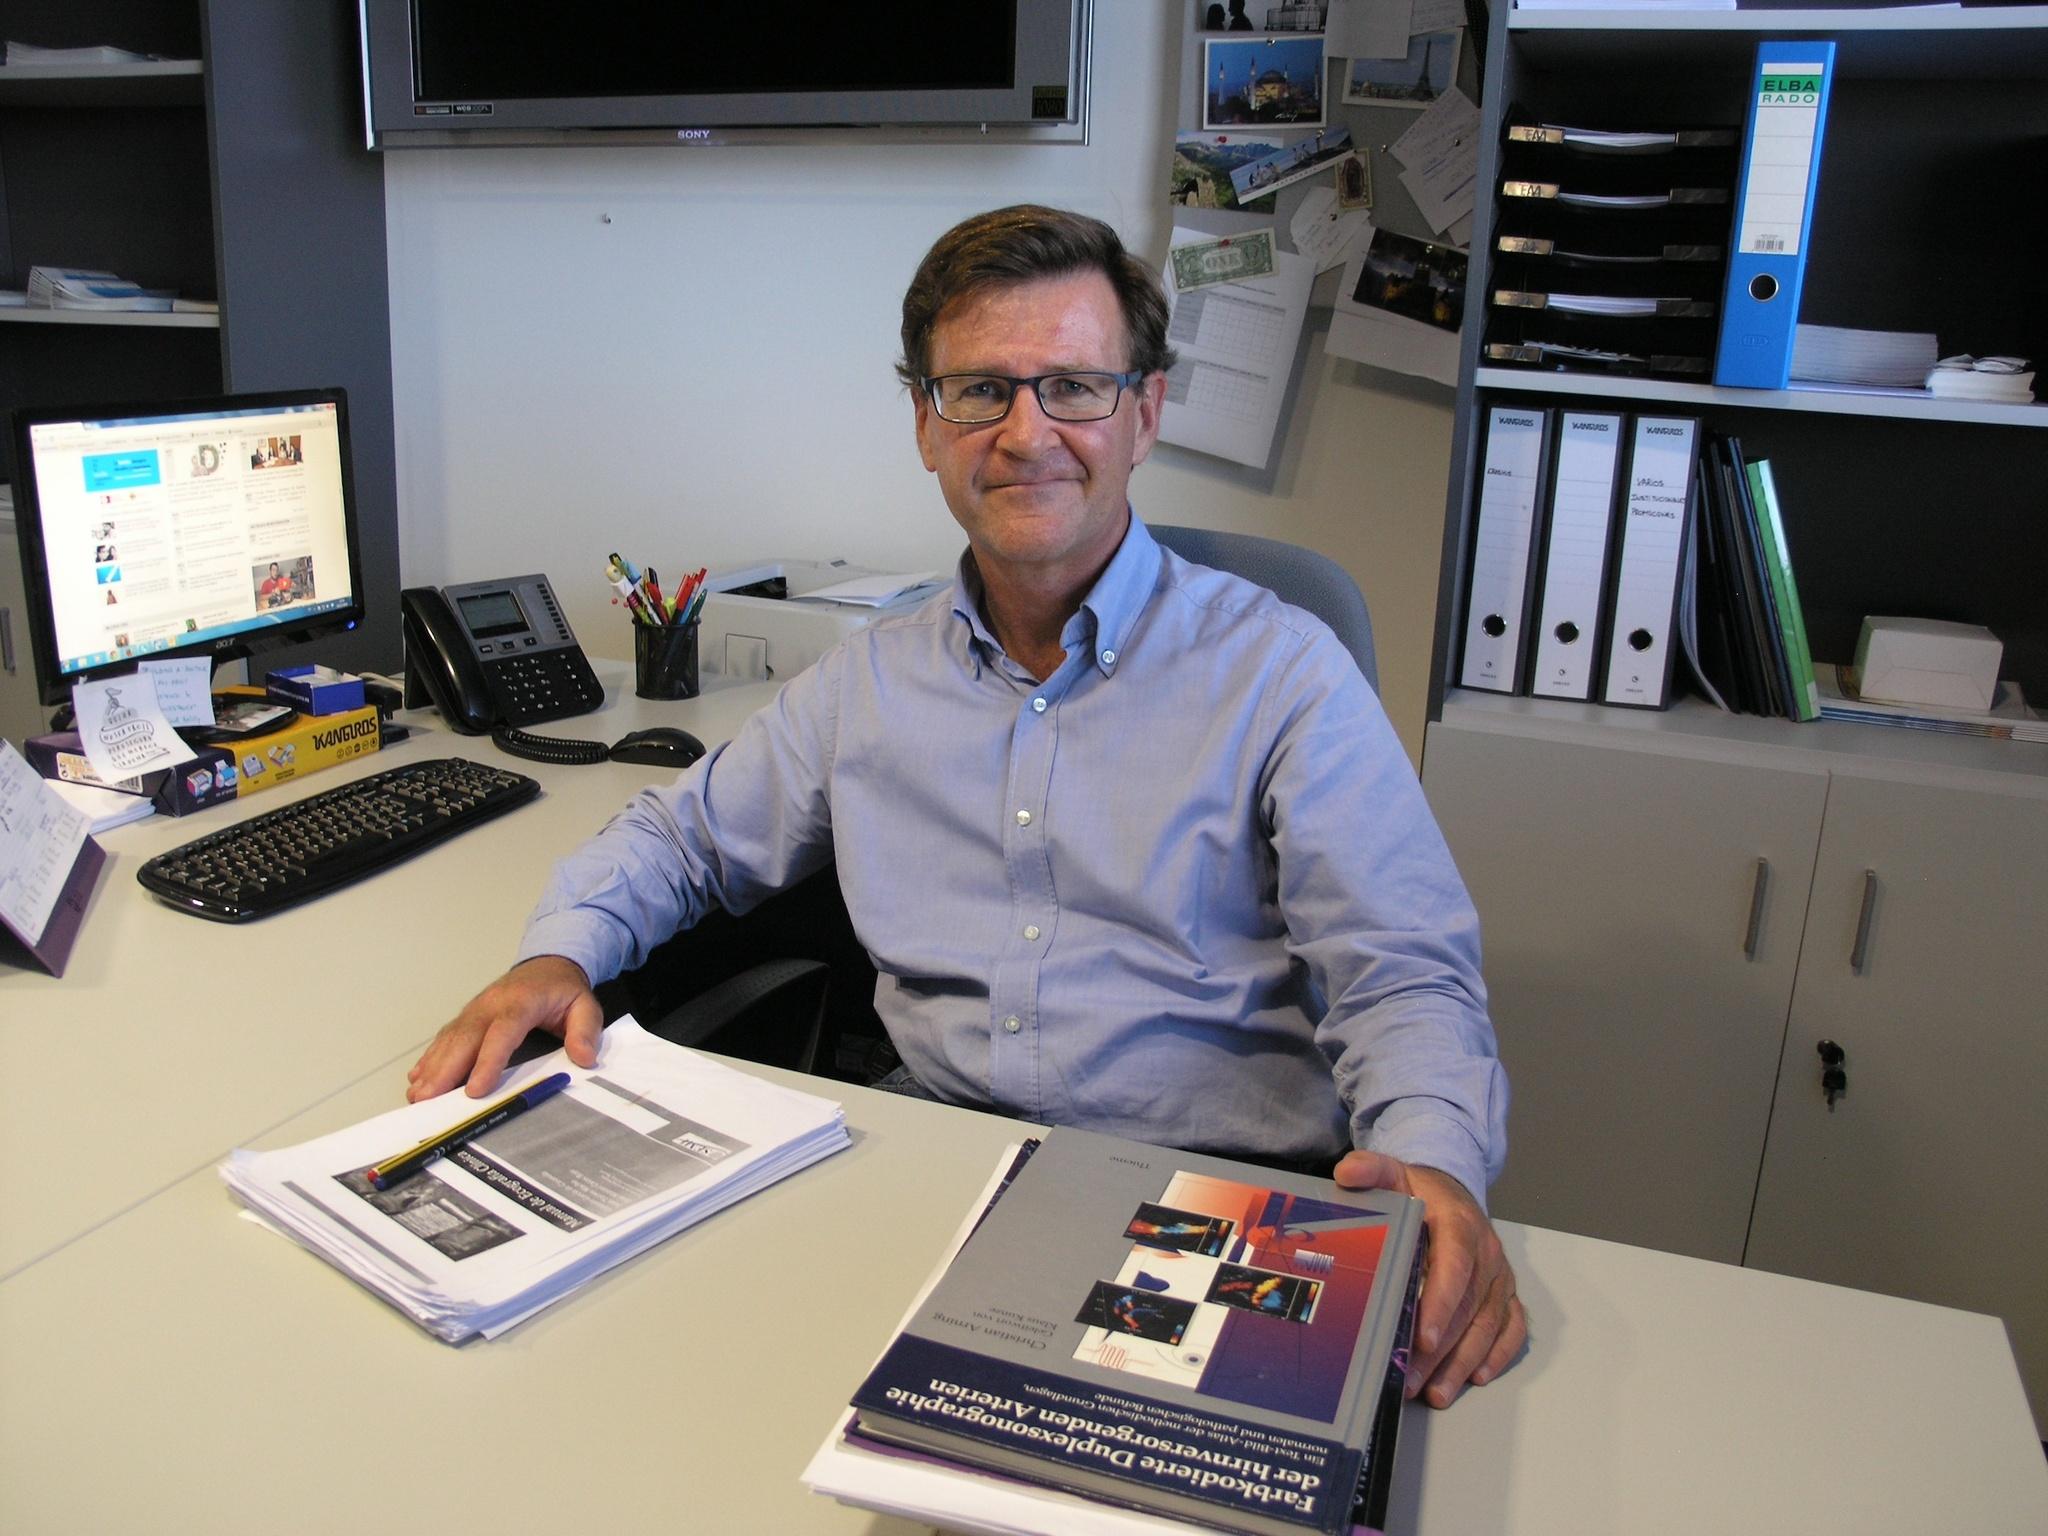 El profesor de Medicina Interna de la CEU UCH Enrique Rodilla Sala, especialista de la Unidad de Hipertensión y Riesgo Vascular del Hospital Universitario de Sagunto, ha coordinado el estudio sobre rigidez arterial y Covid-19 premiado en el Congreso de la ESH-ISH.